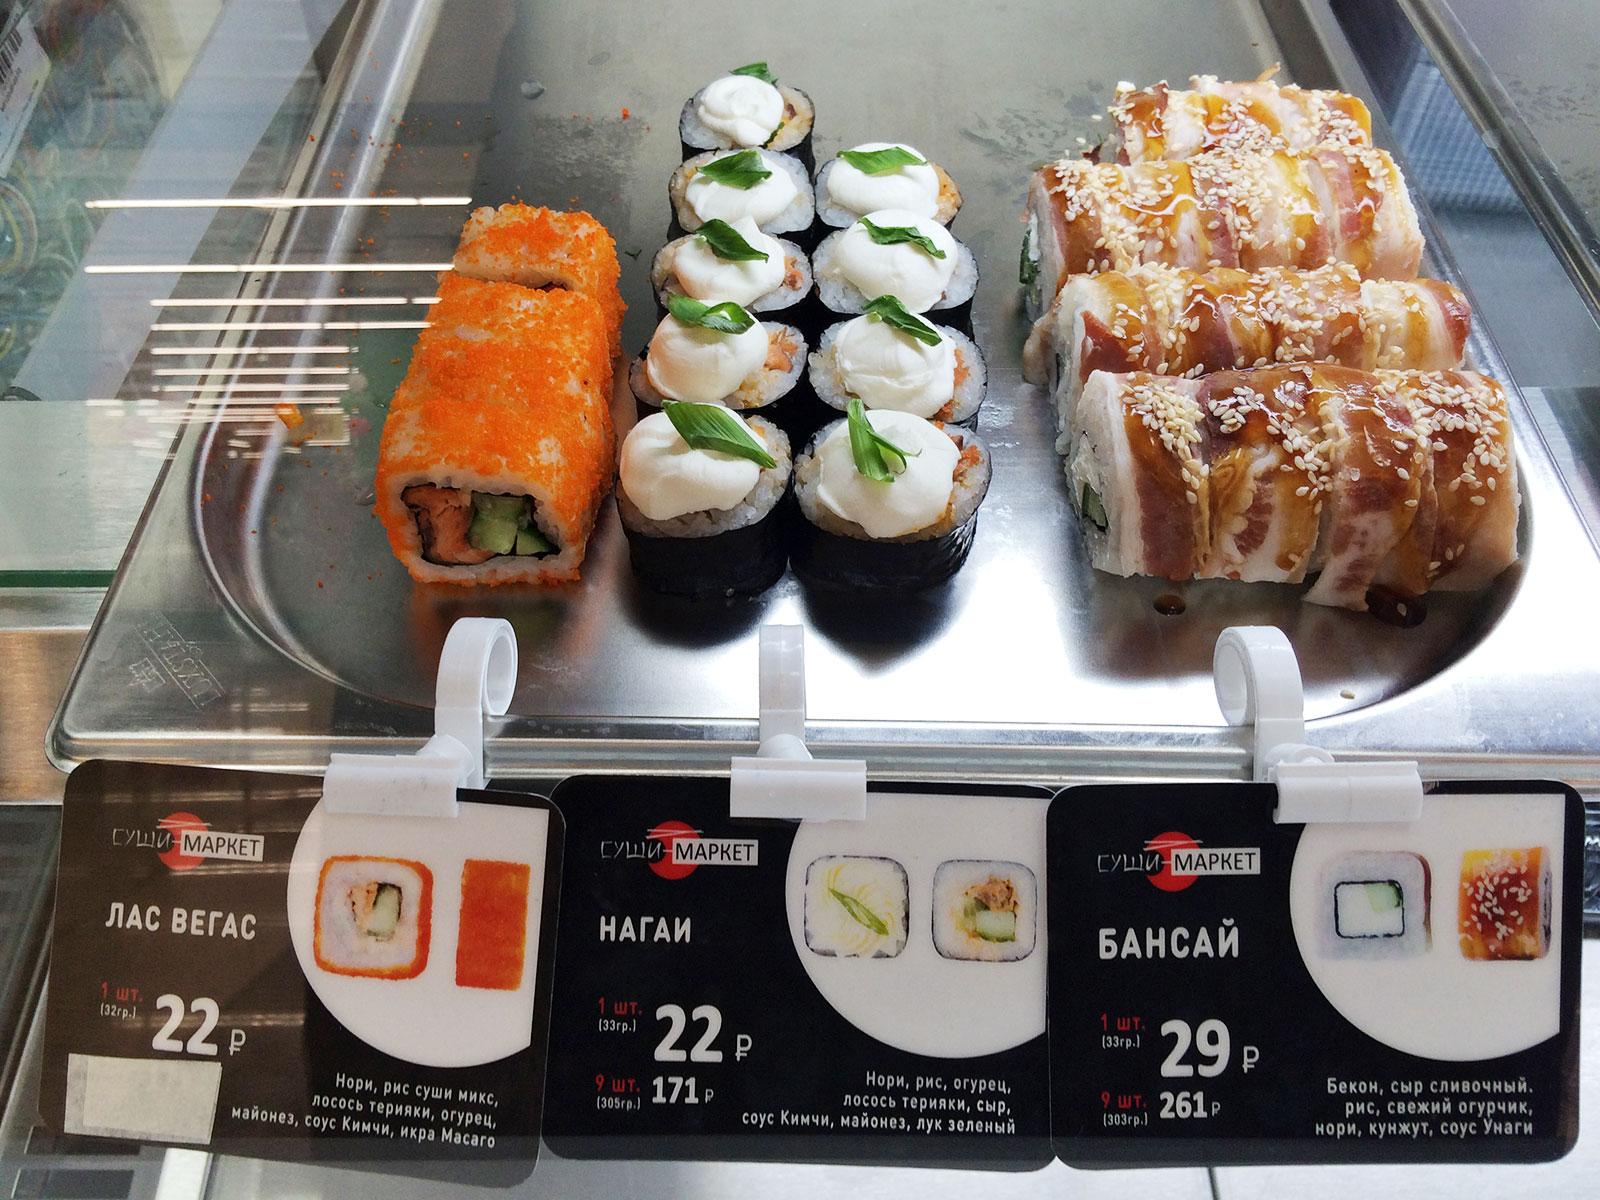 высшее суши маркет в картинках годы приносят вам